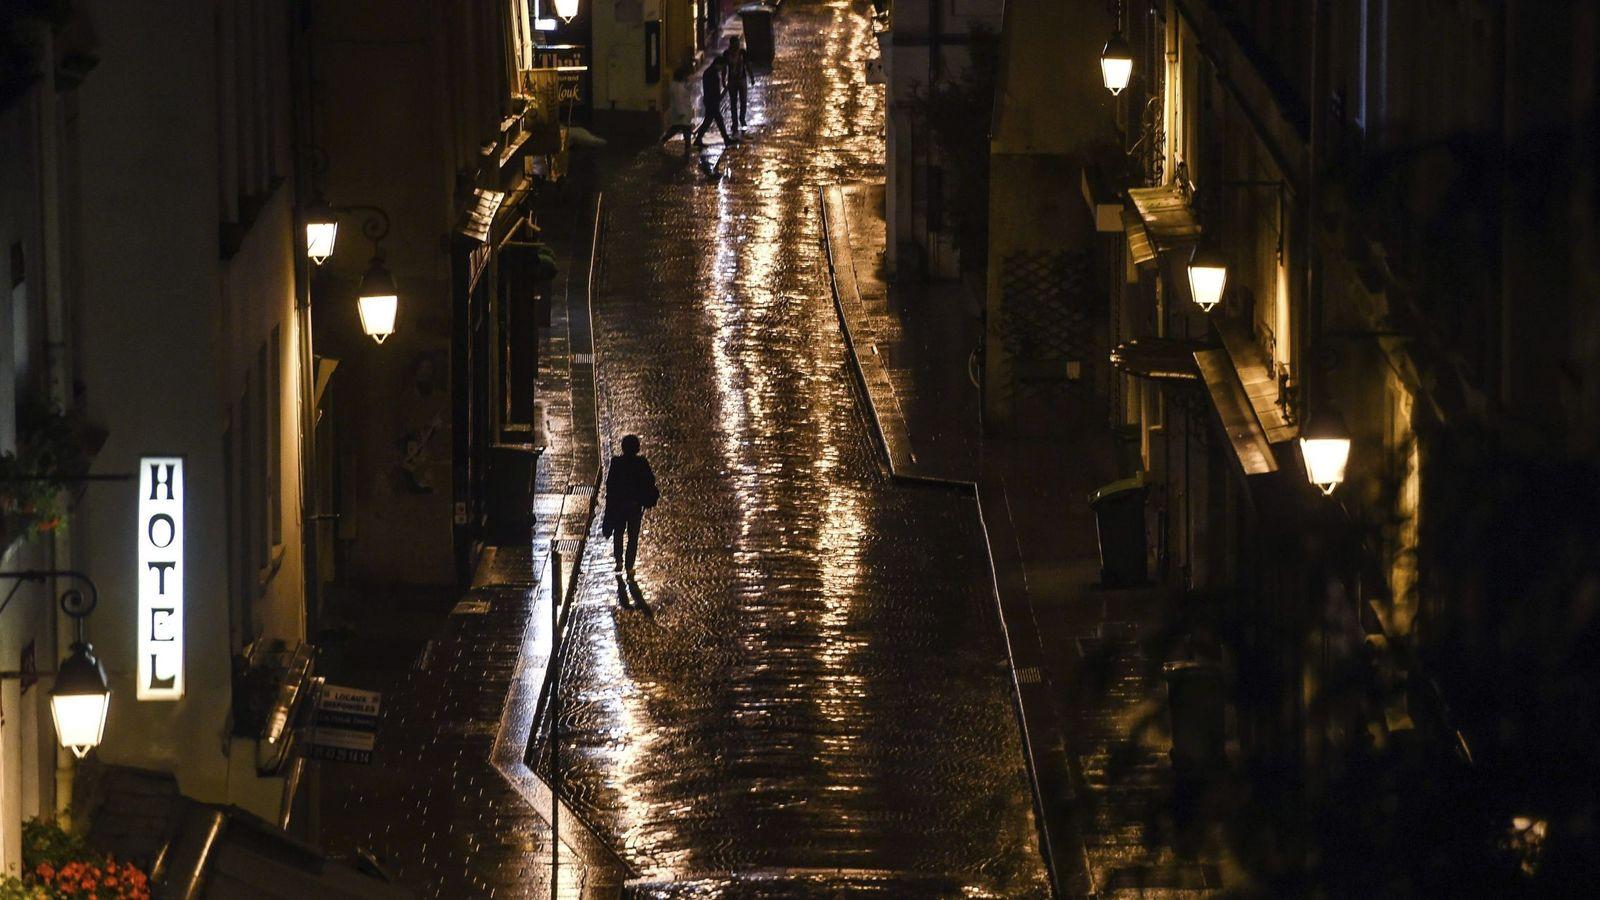 c0211a5c05 Acoso sexual: Por qué le doy miedo a esa chica que anda sola por la calle